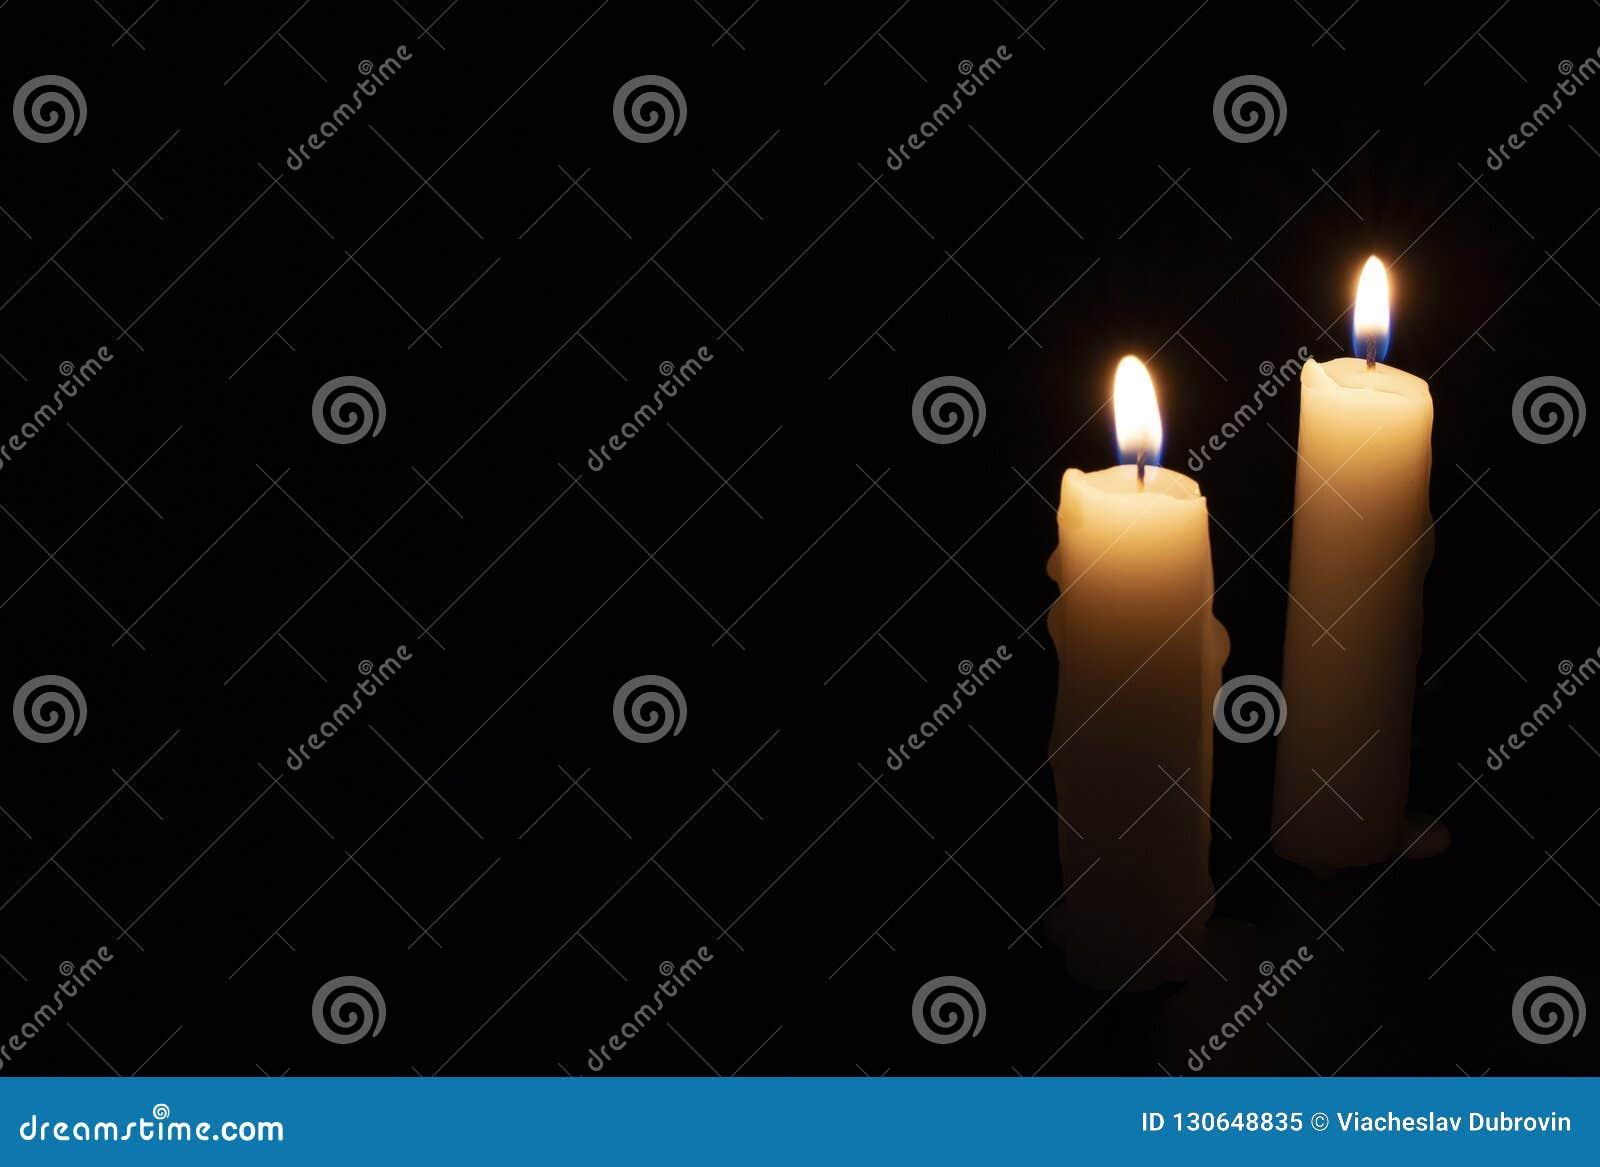 在黑背景的两个蜡烛 在黑暗中点燃蜡烛 与温暖的火焰的黄色蜡蜡烛 在memoriam横幅